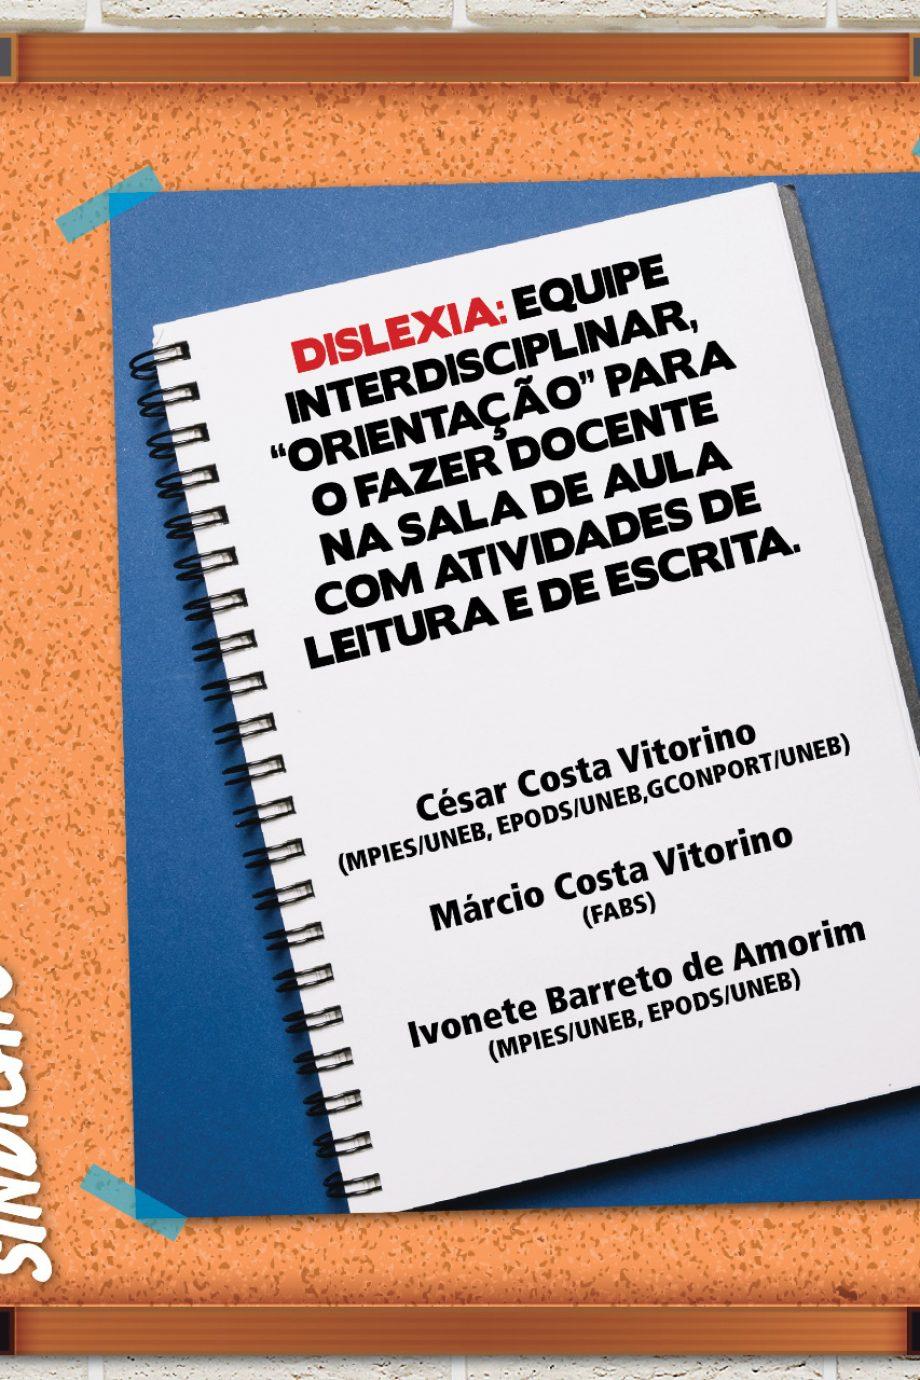 """APLB-RECOMENDA – DISLEXIA: EQUIPE INTERDISCIPLINAR , """"ORIENTAÇÃO"""" PARA O FAZER DOCENTE NA SALA DE AULA COM ATIVIDADES DE LEITURA E DE ESCRITA"""